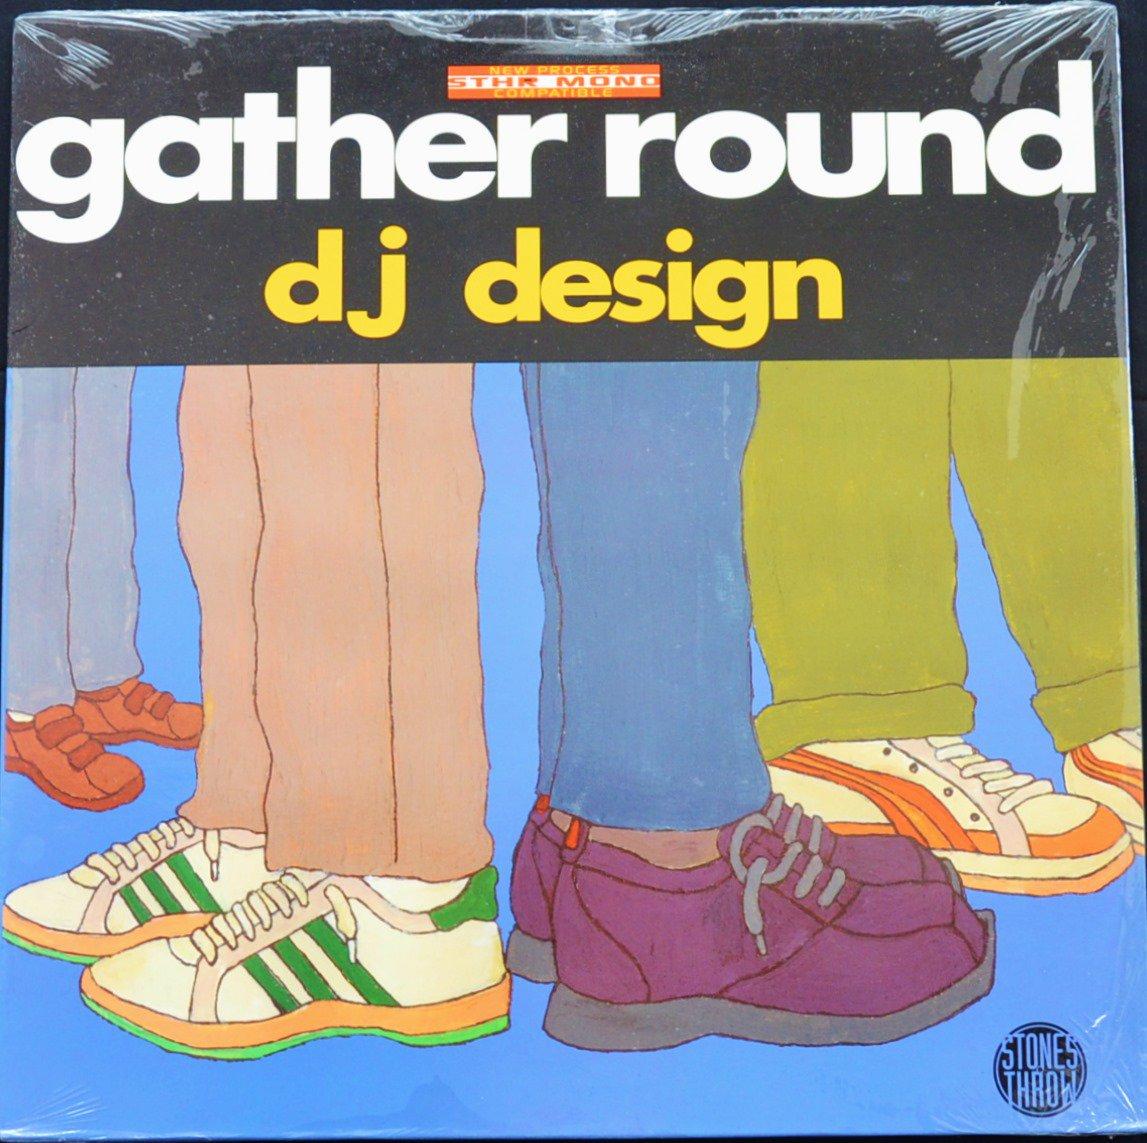 DJ DESIGN / GATHER ROUND (2LP)